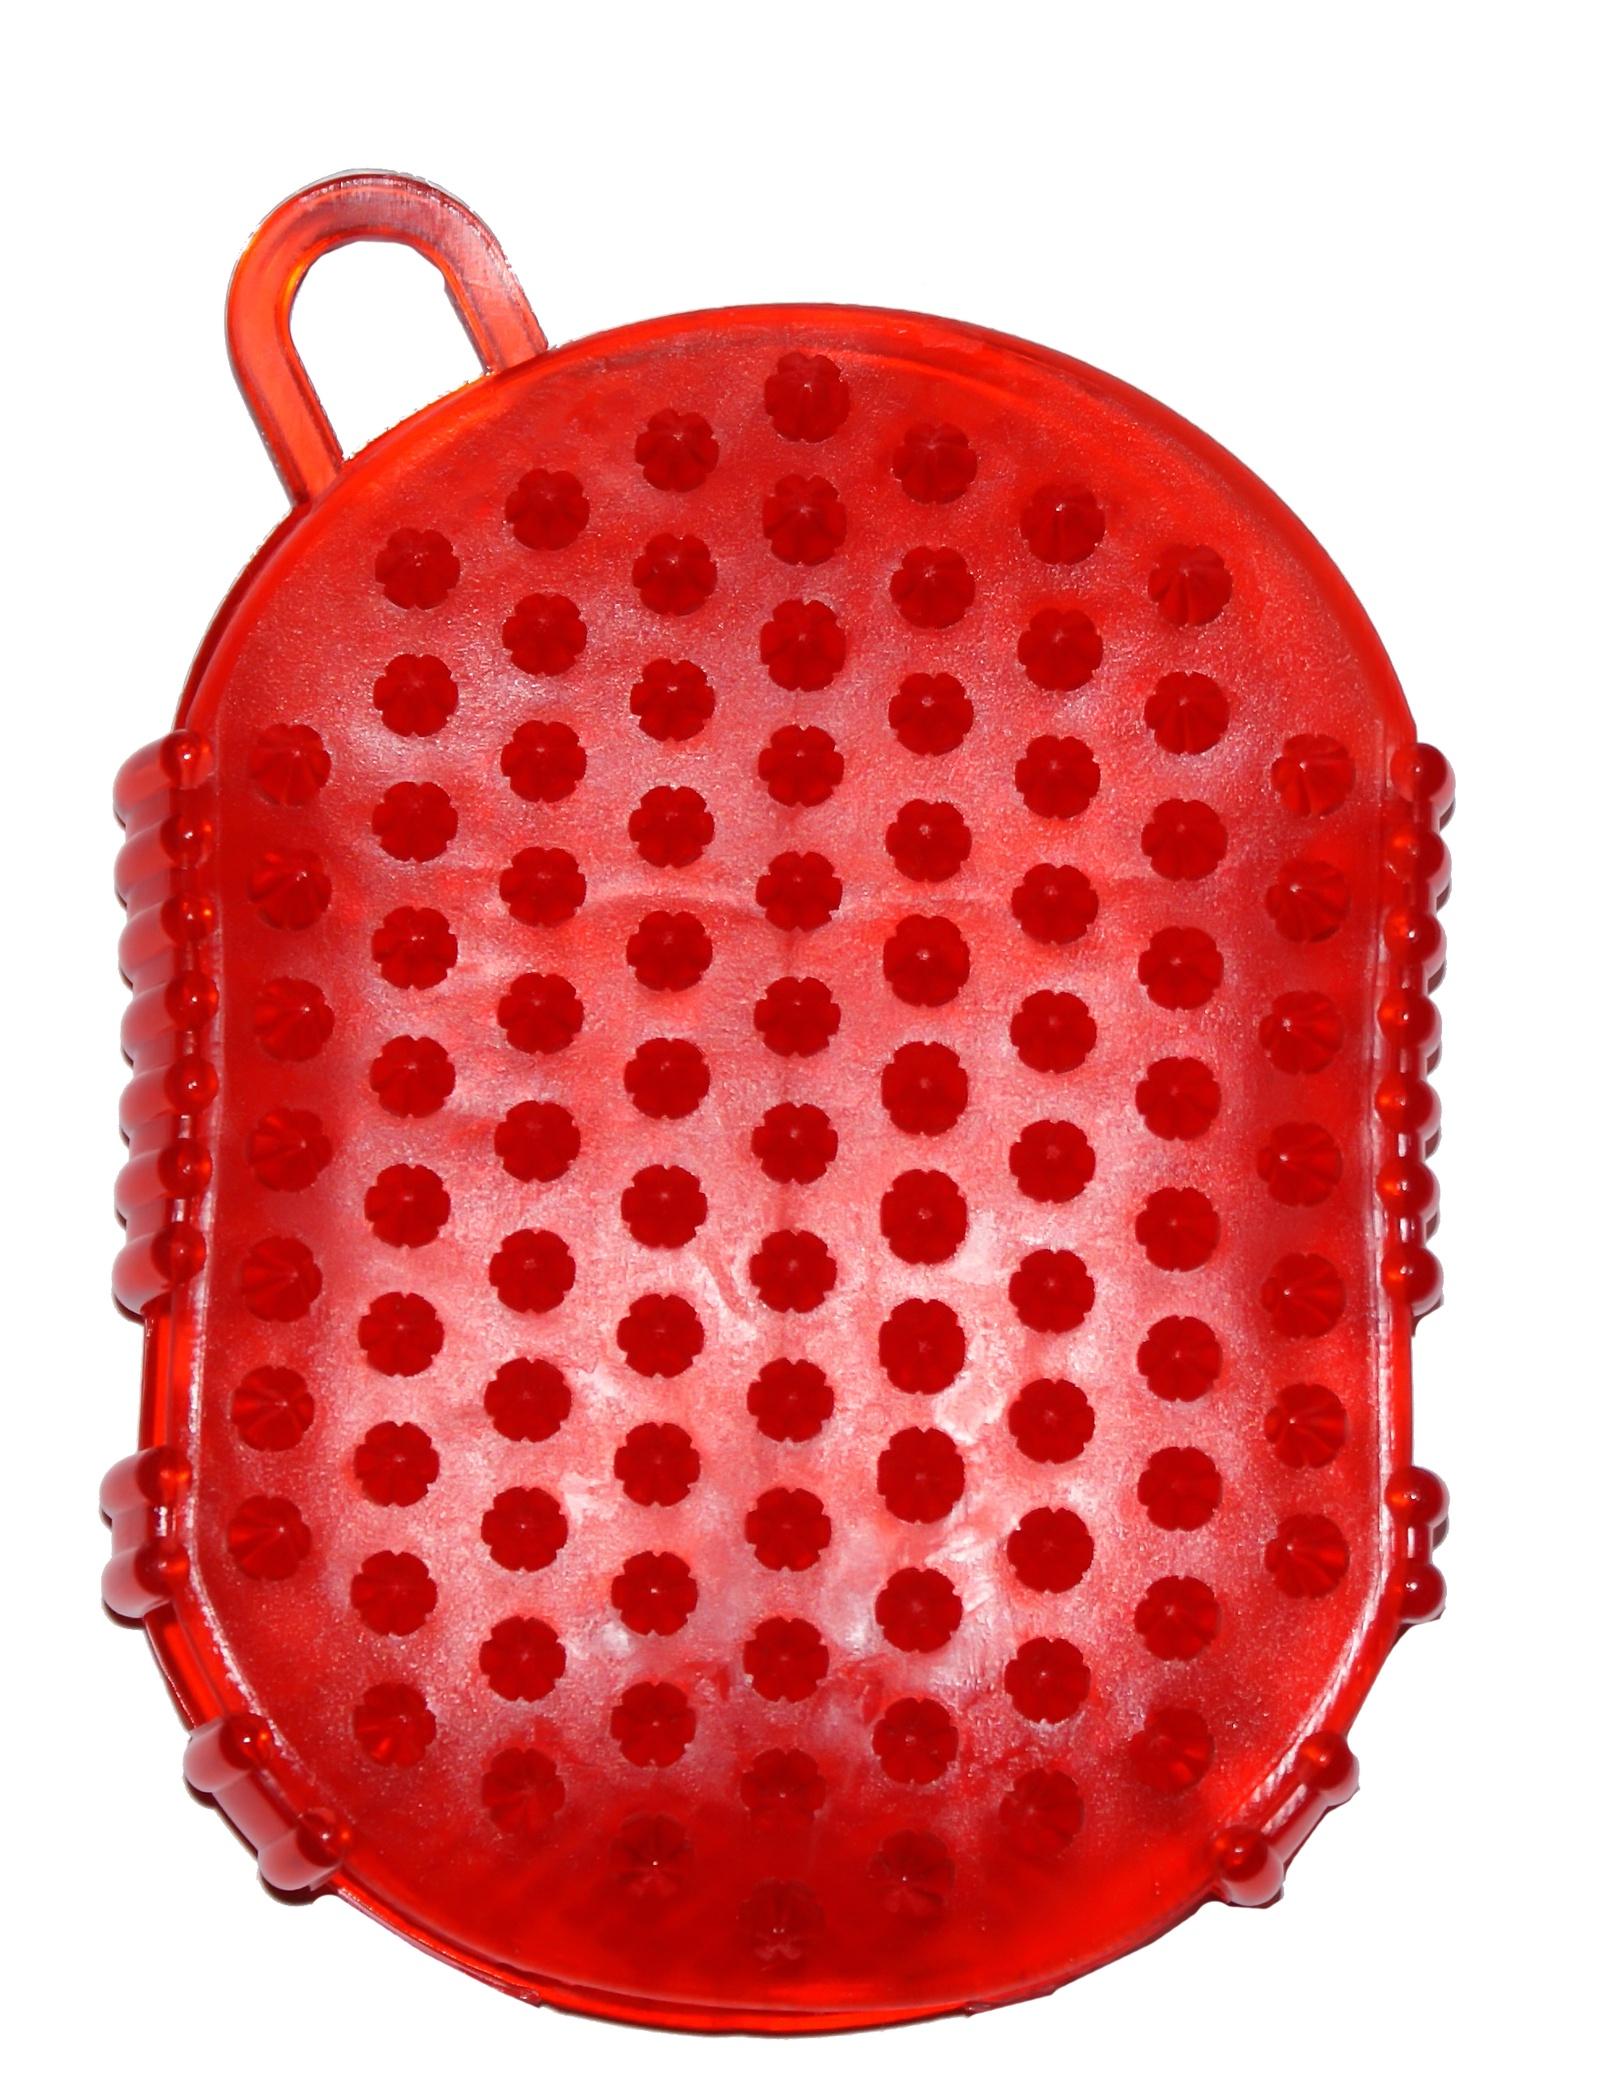 Массажный прибор Торг Лайнс ЧУДО-ВАРЕЖКА, модель №1 массажер ручной торг лайнс чудо мячик